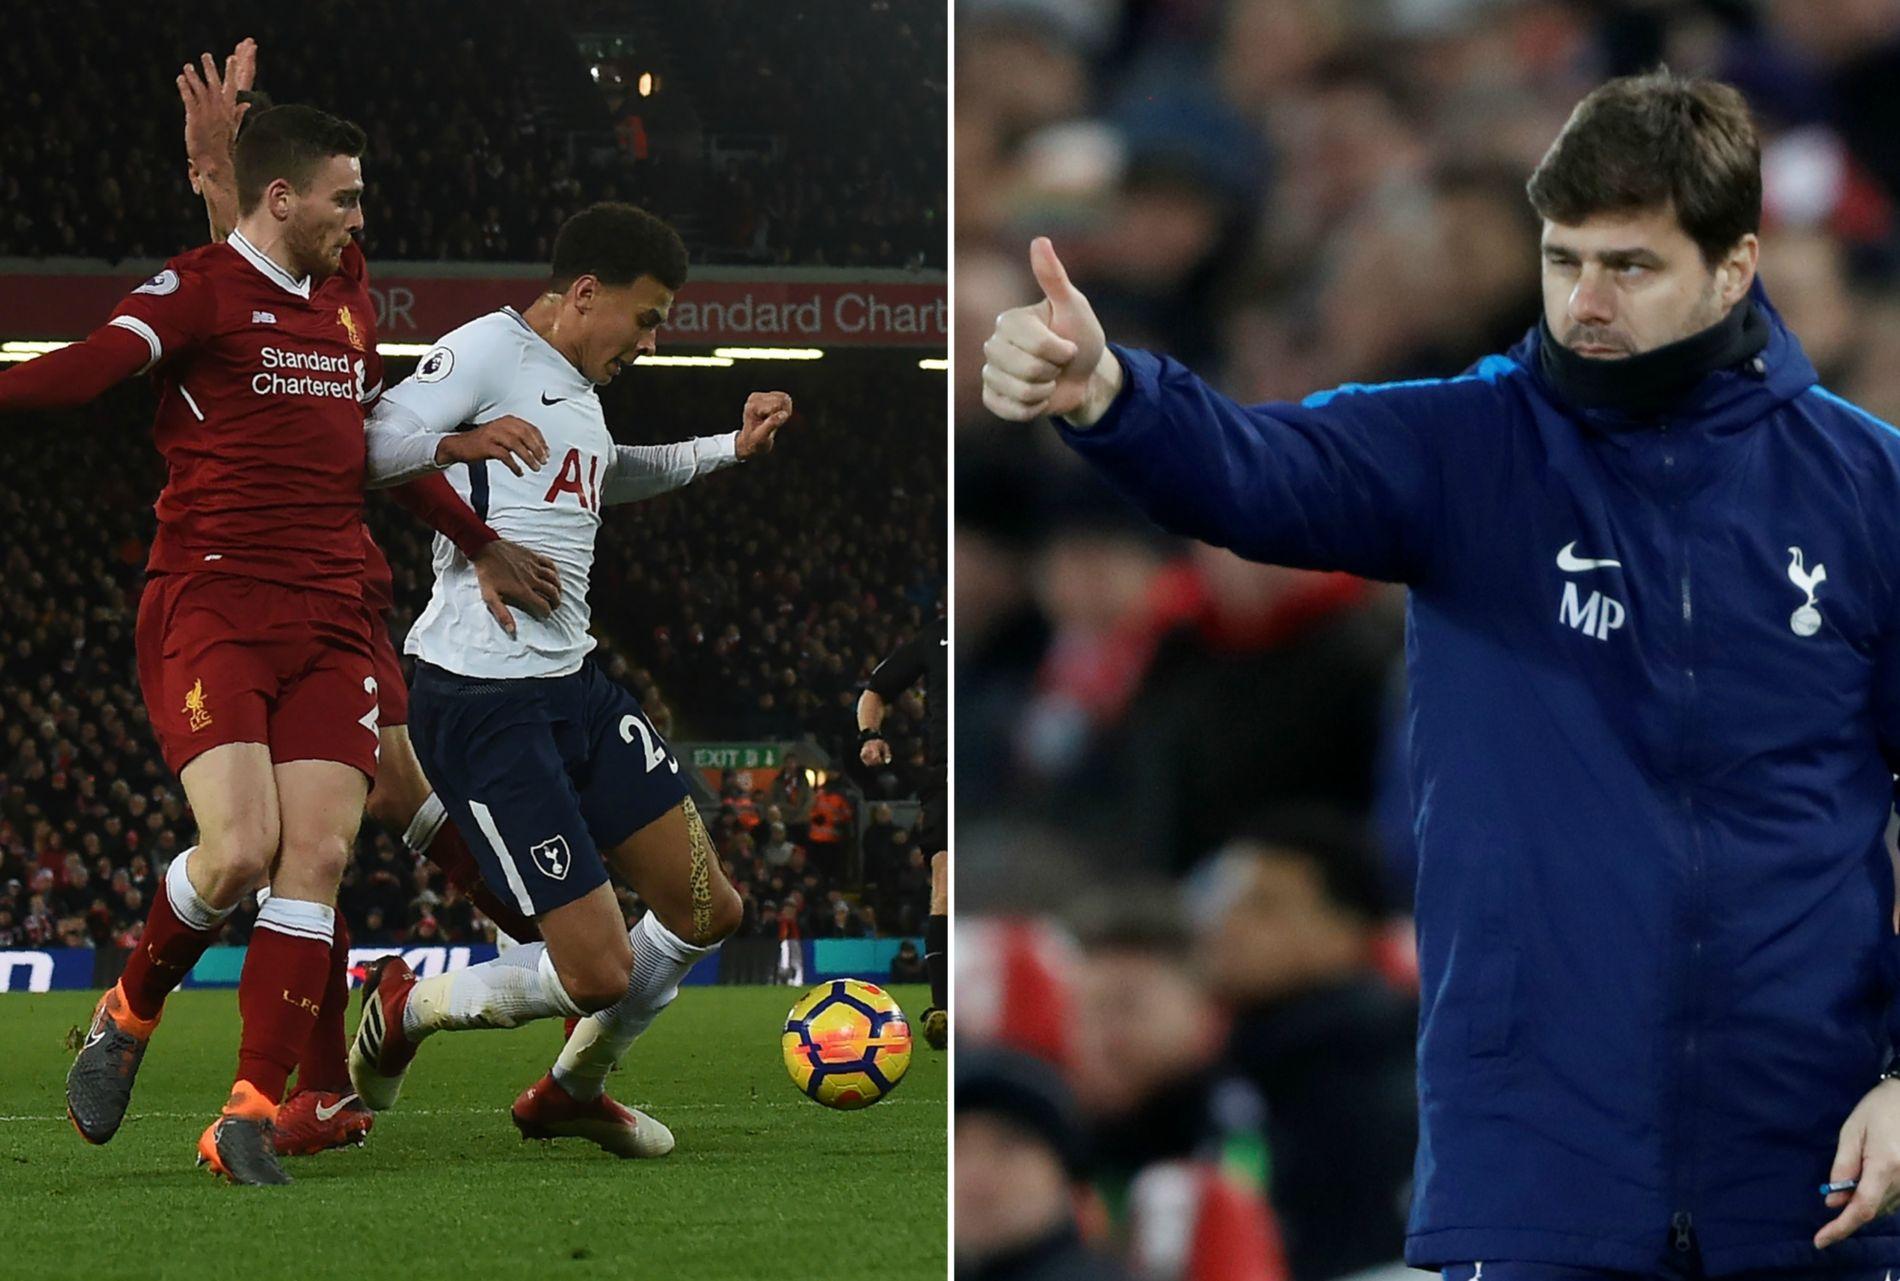 EN DETALJ: Tottenham-manager Mauricio Pochettino mener britisk fotball fokuserer for mye på å slå hardt ned på filmerne. Under søndagens kamp mellom Liverpool og Tottenham fikk Dele Alli gult kort for et teatralsk fall.